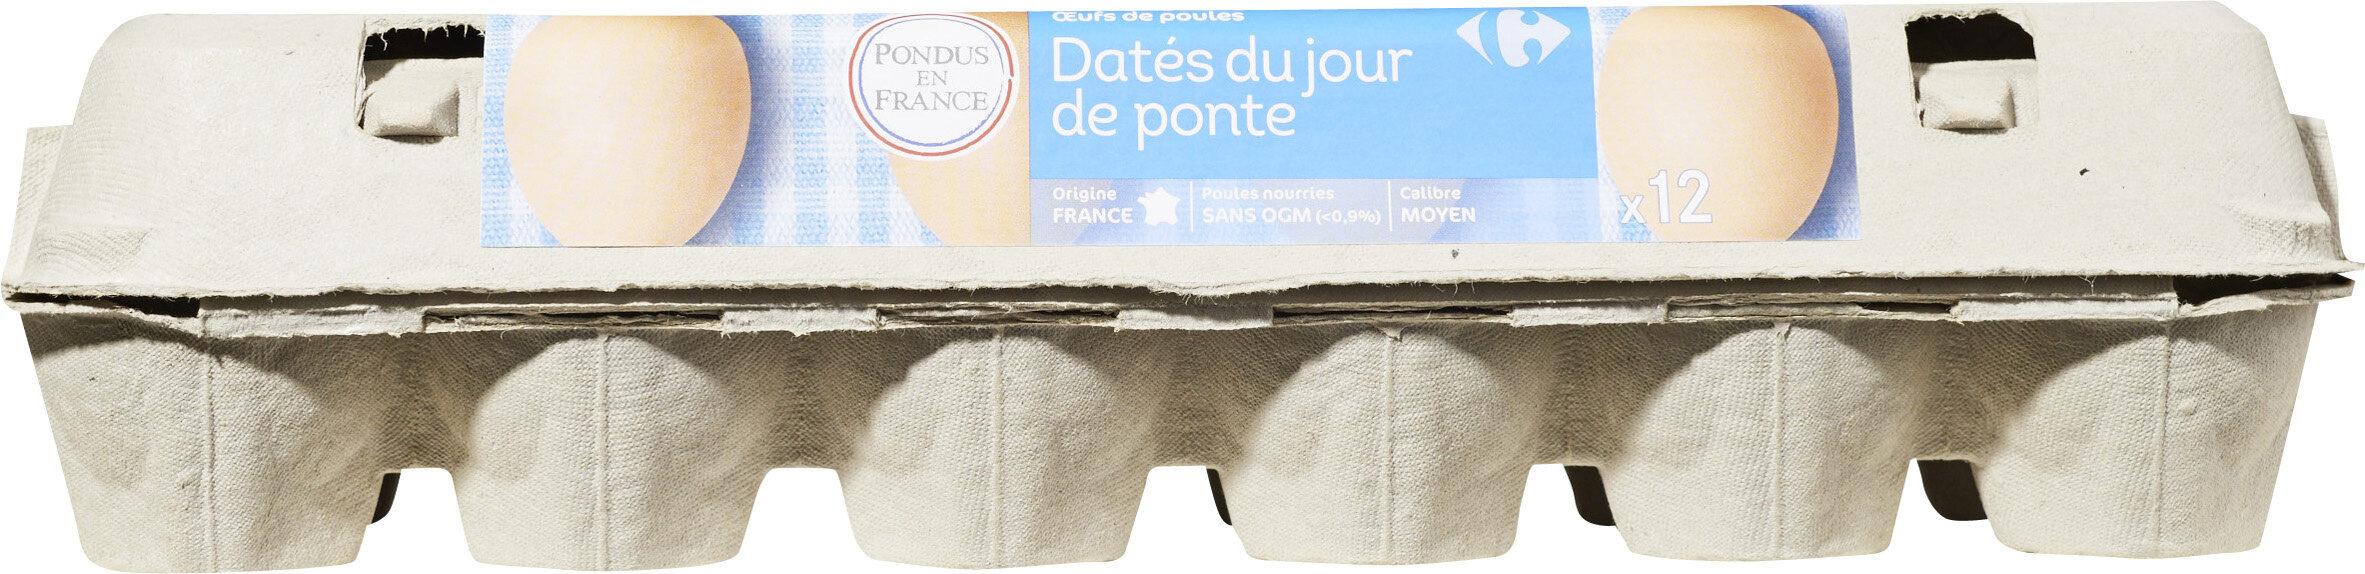 OEufs de poules Datés du jour de ponte - Product - fr